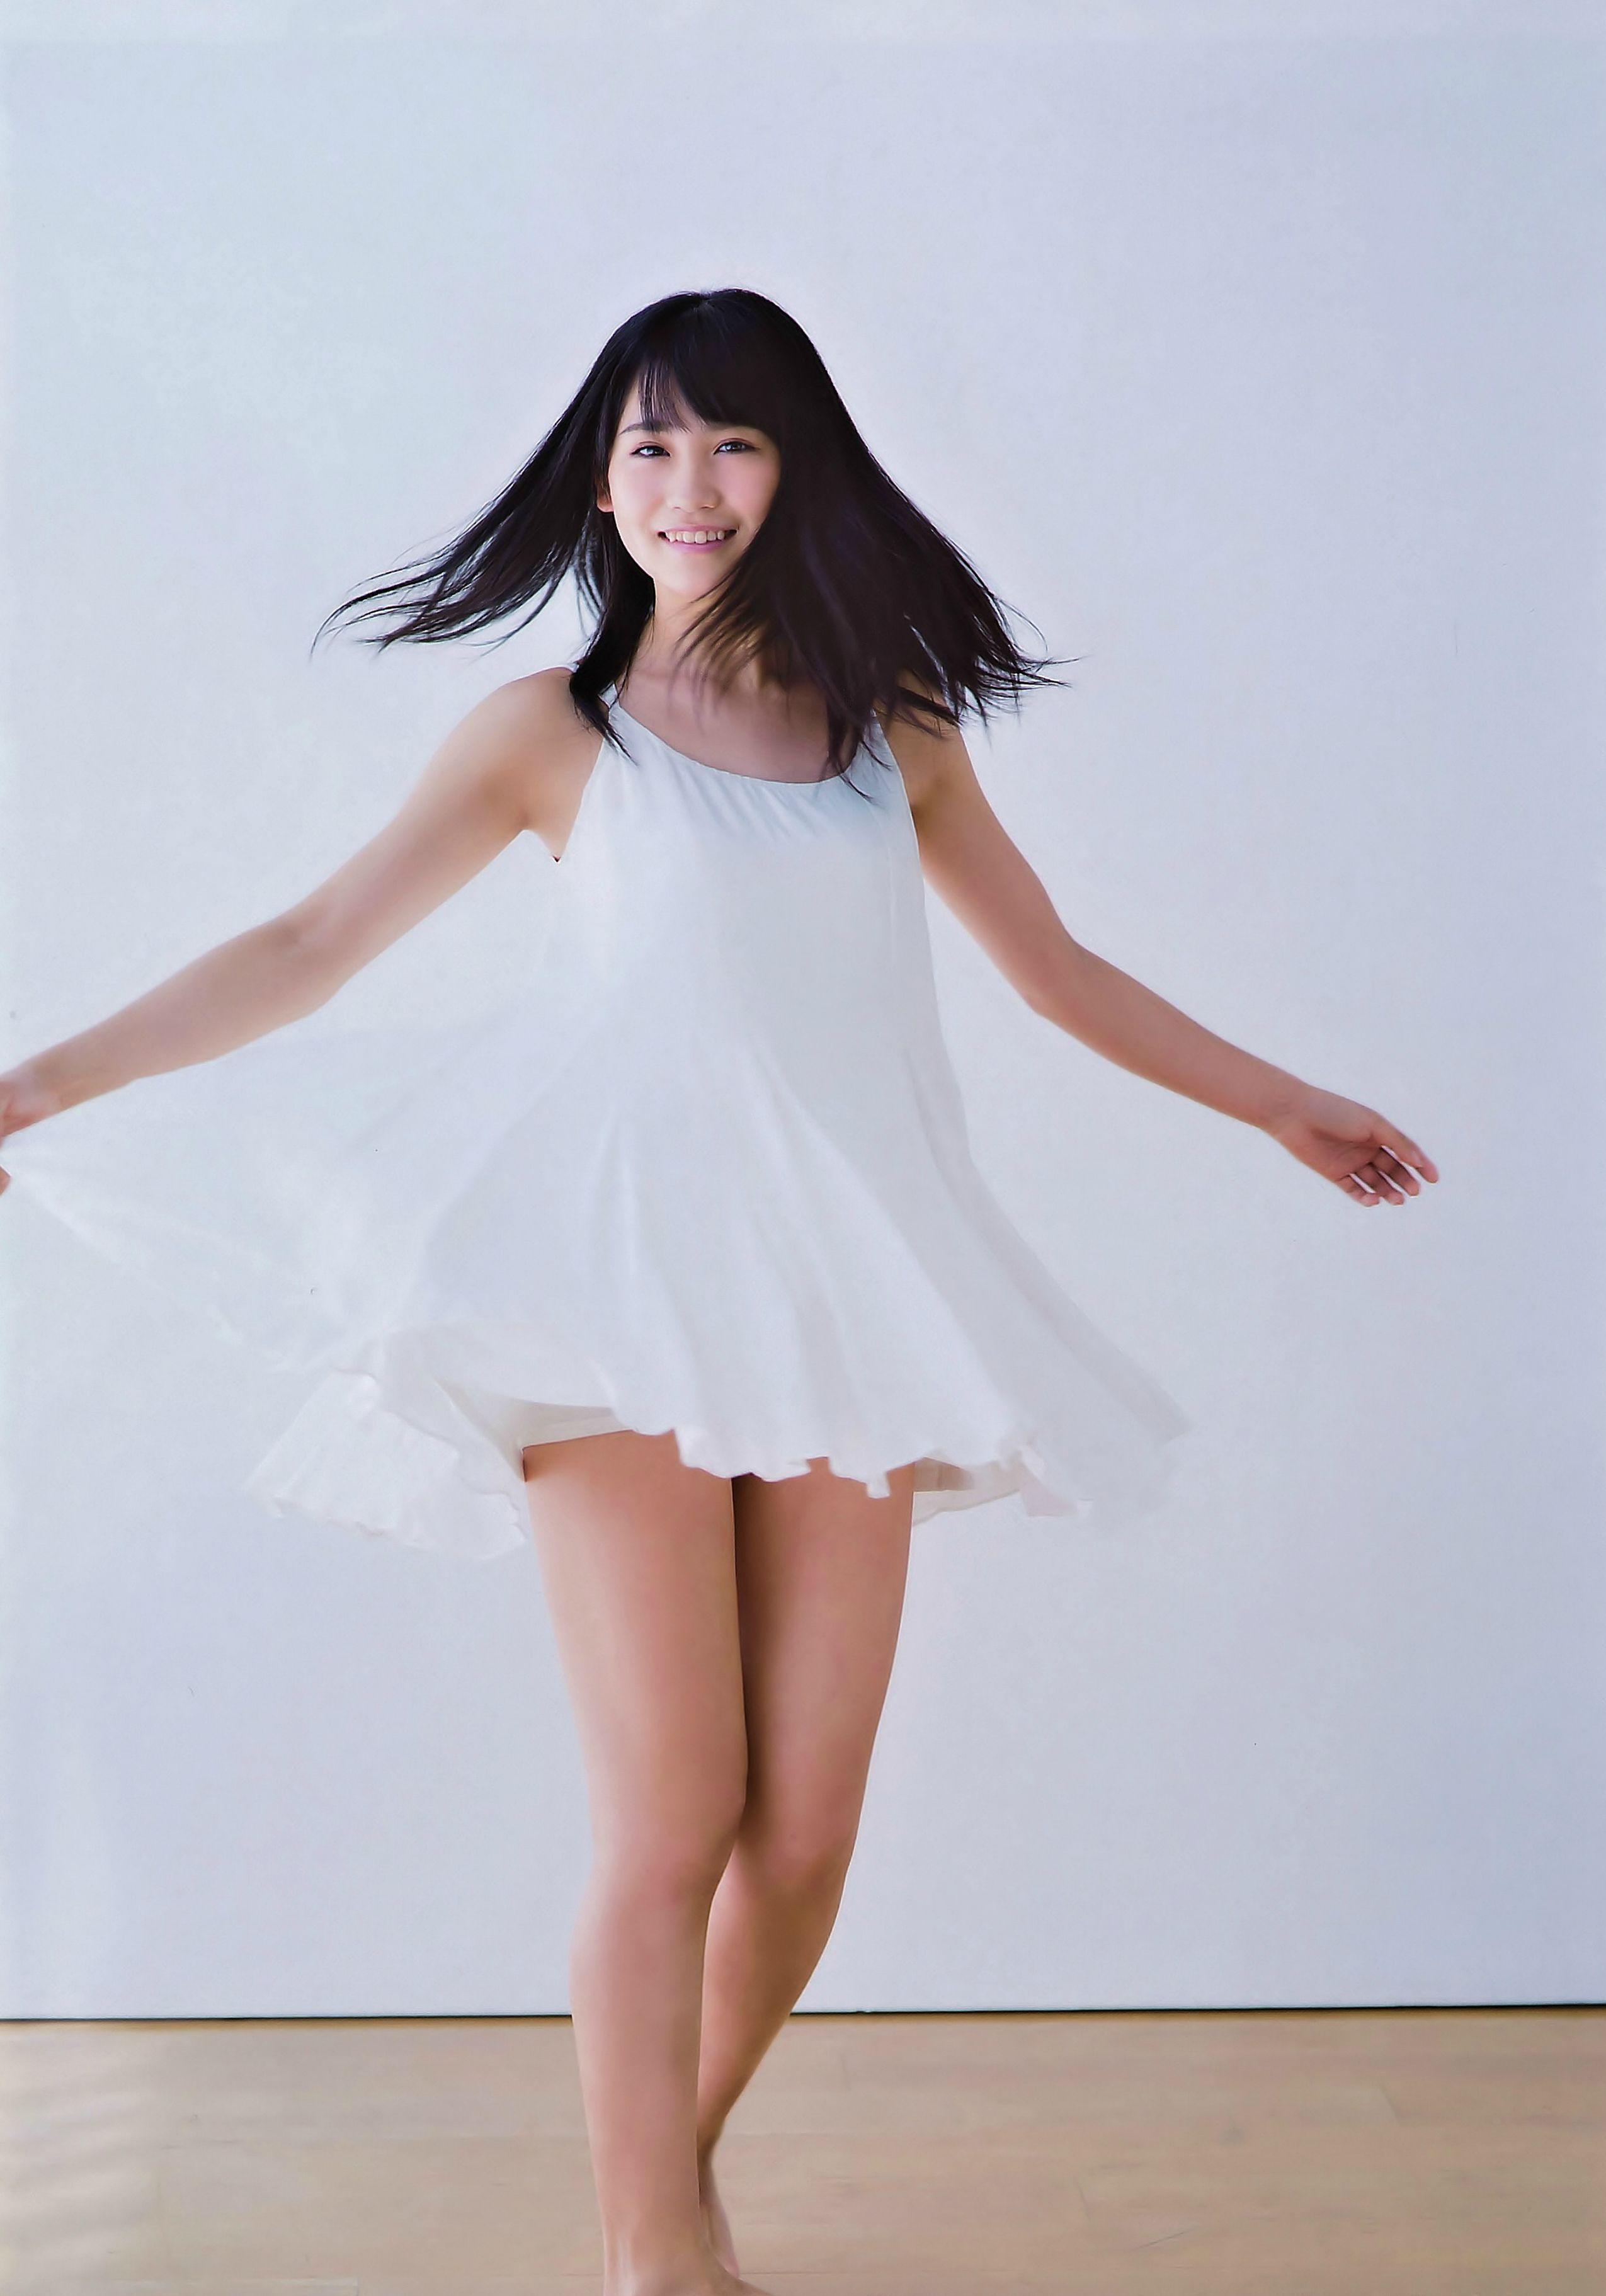 小嶋真子さんのパンツ姿